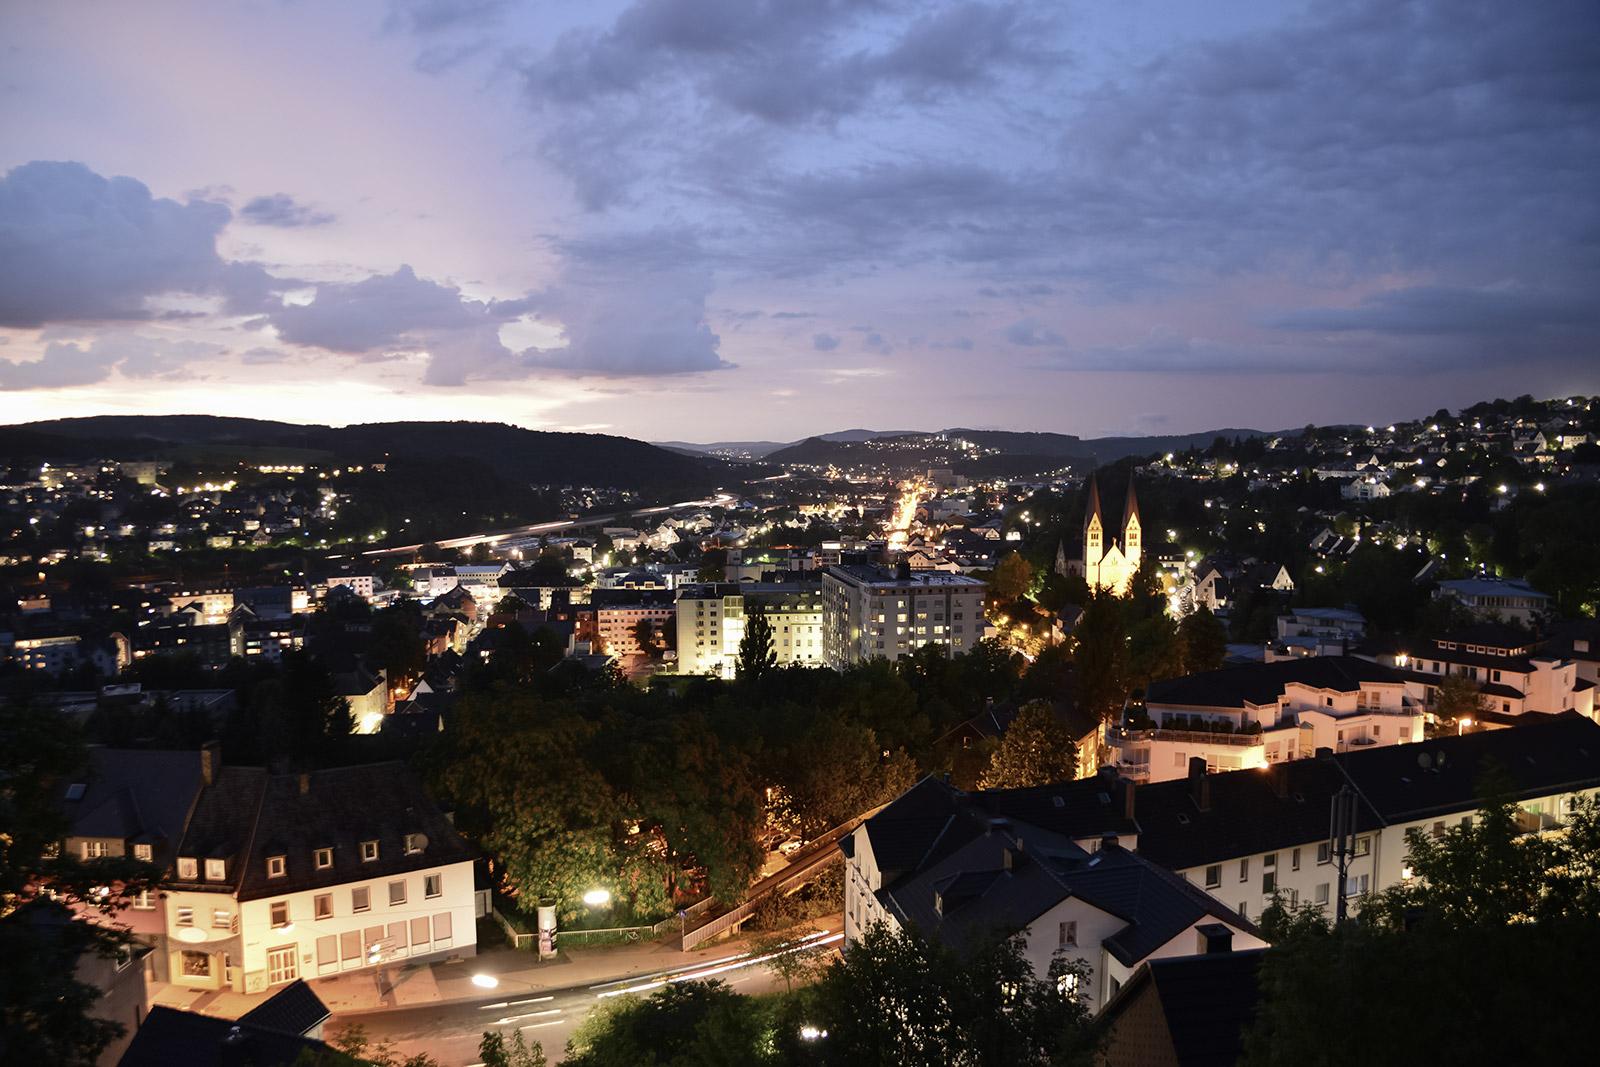 Unser neuer Agenturstandort in der Universitätsstadt Siegen, Südwestfalen